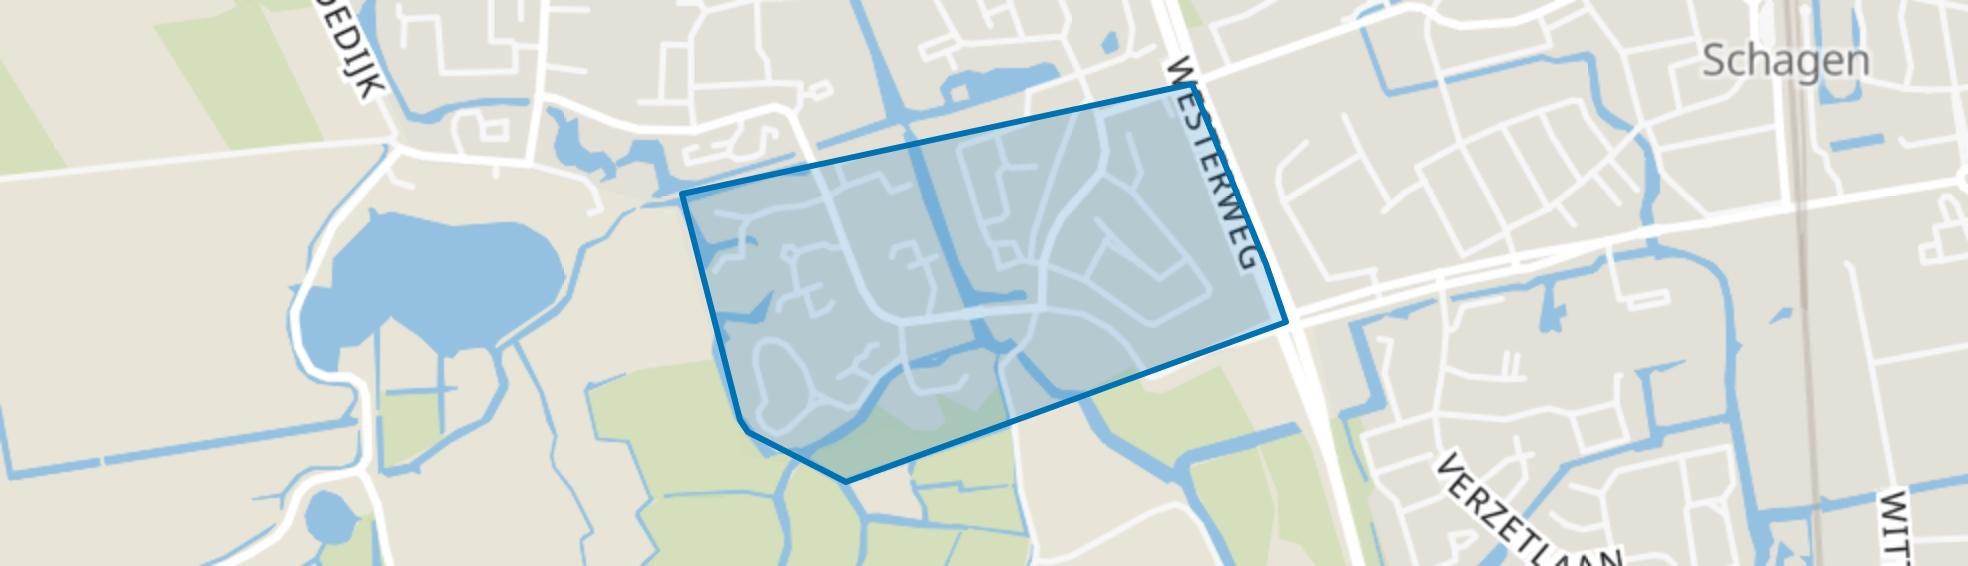 Waldervaart-Zuid, Schagen map